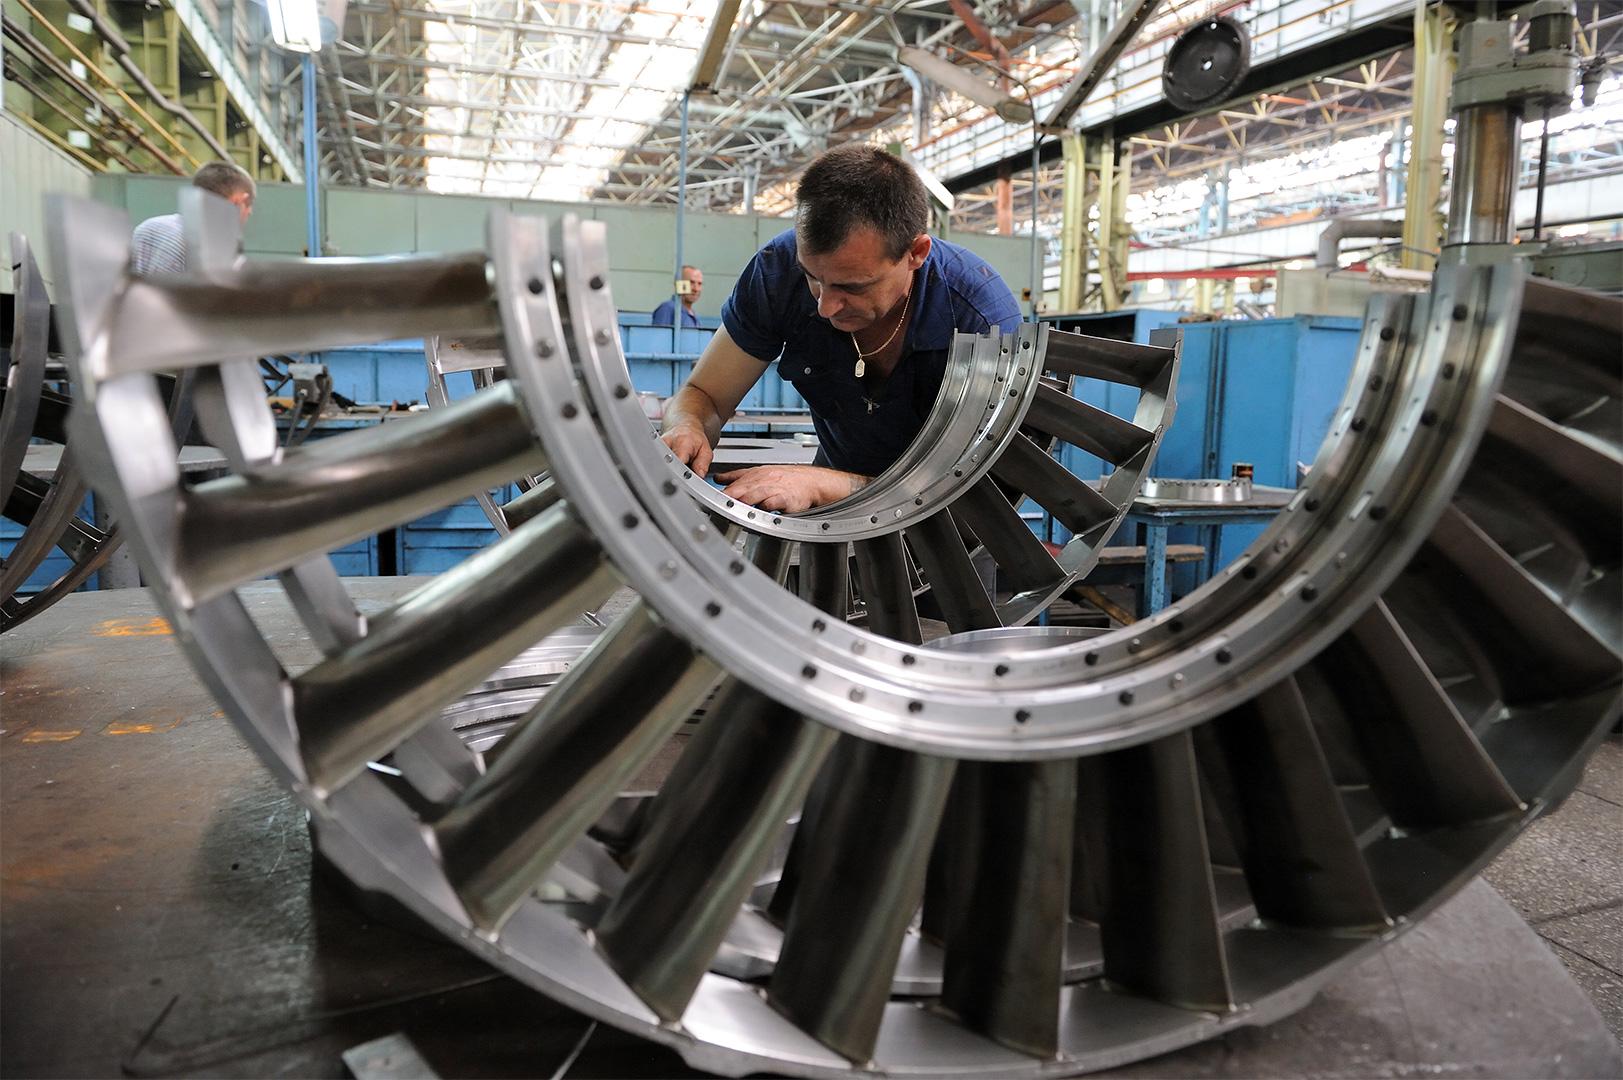 НПО «Сатурн» получило заказ на изготовление газотурбинных установок для российского флота